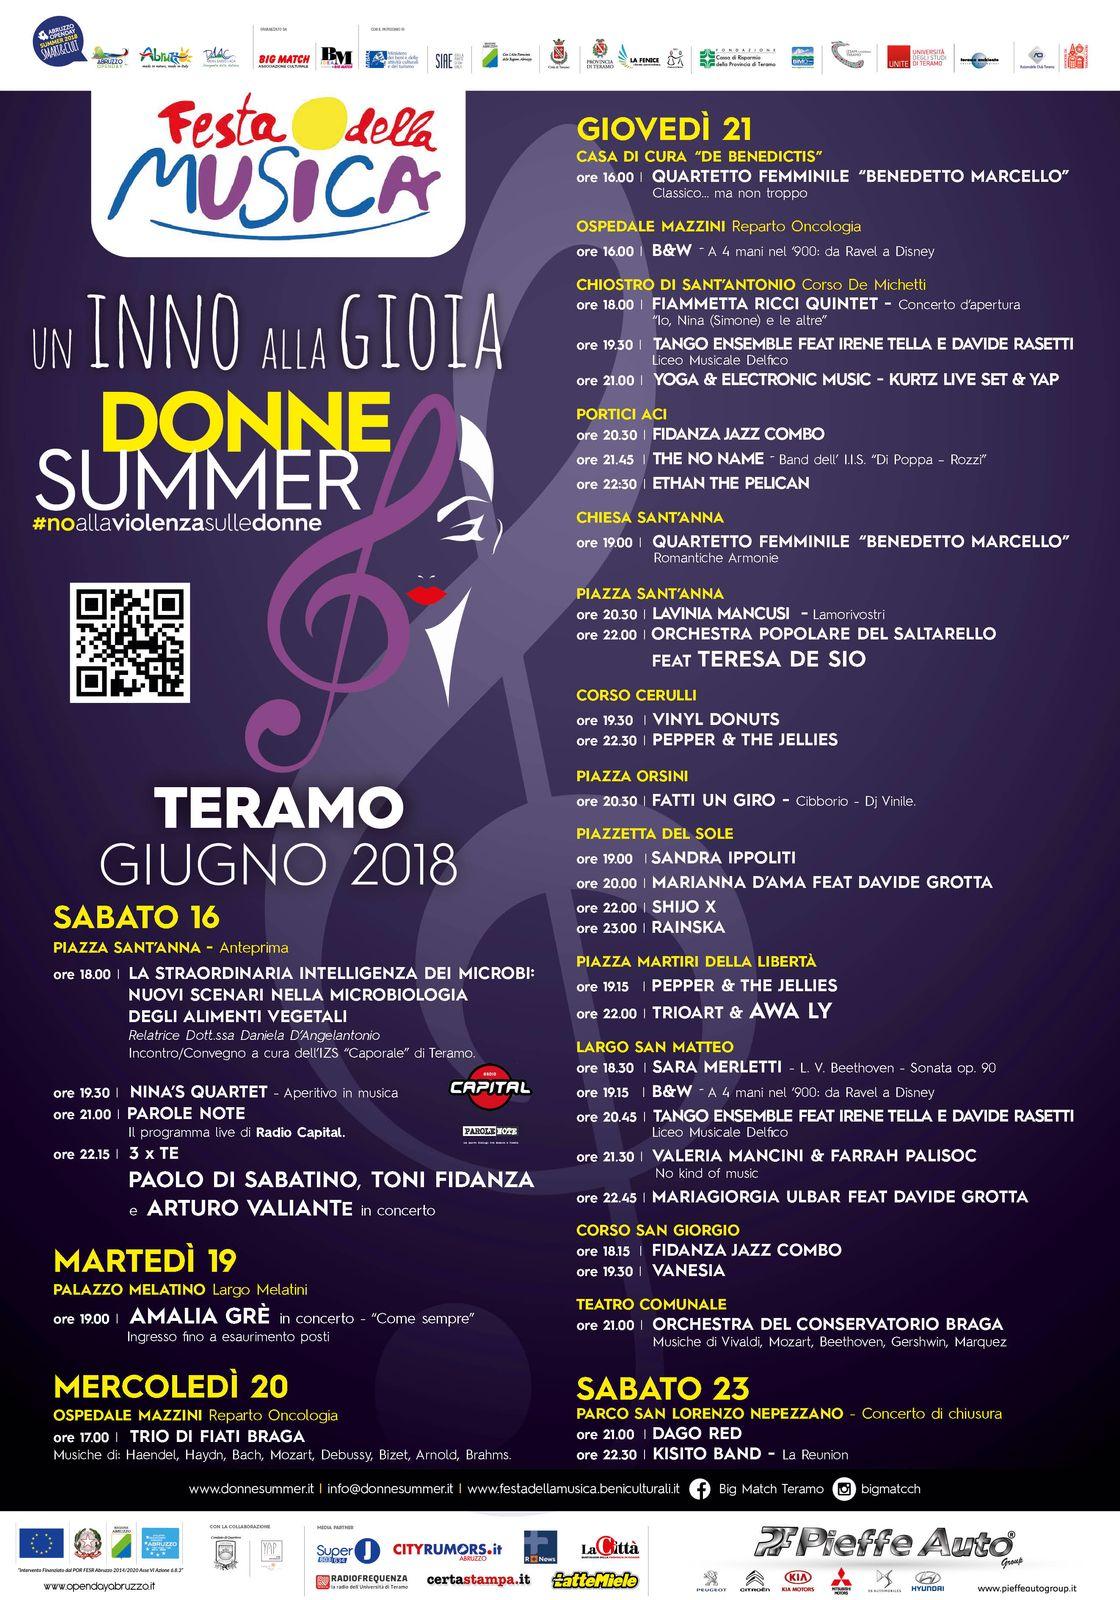 """FESTA DELLA MUSICA 2018 """"Donne Summer"""" - Seconda edizione Teramo 21 giugno"""